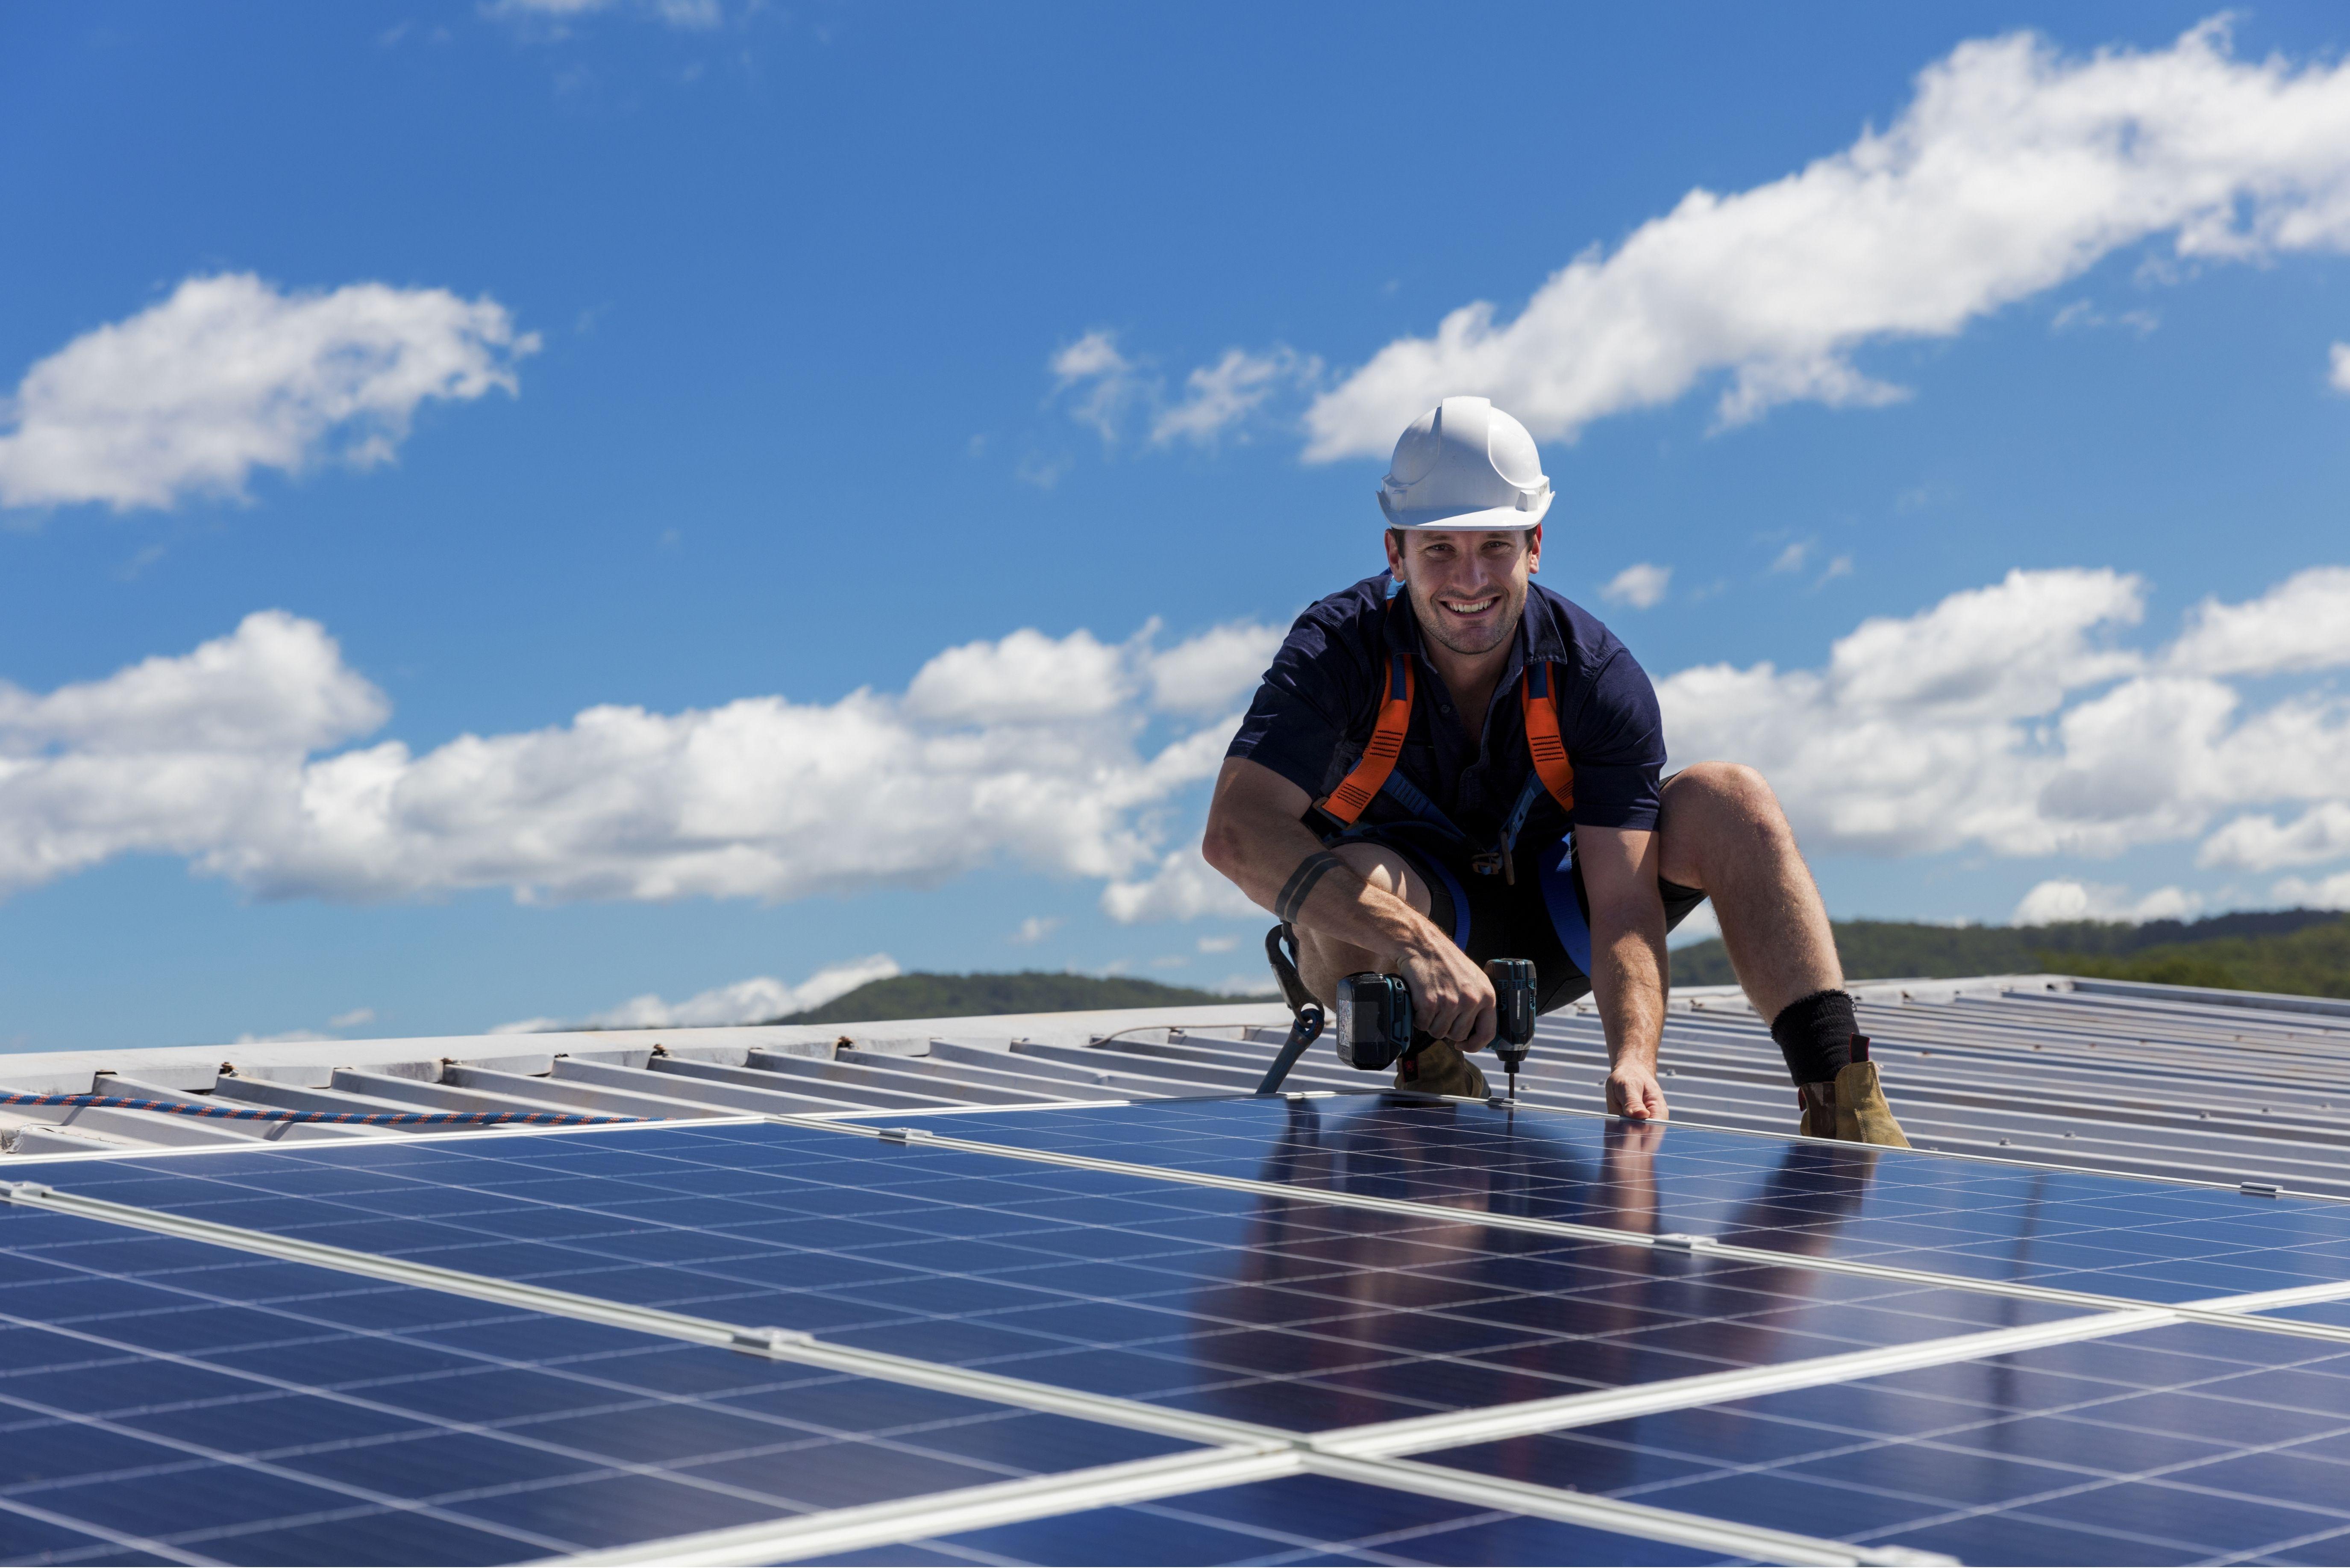 jak montować panele słoneczne